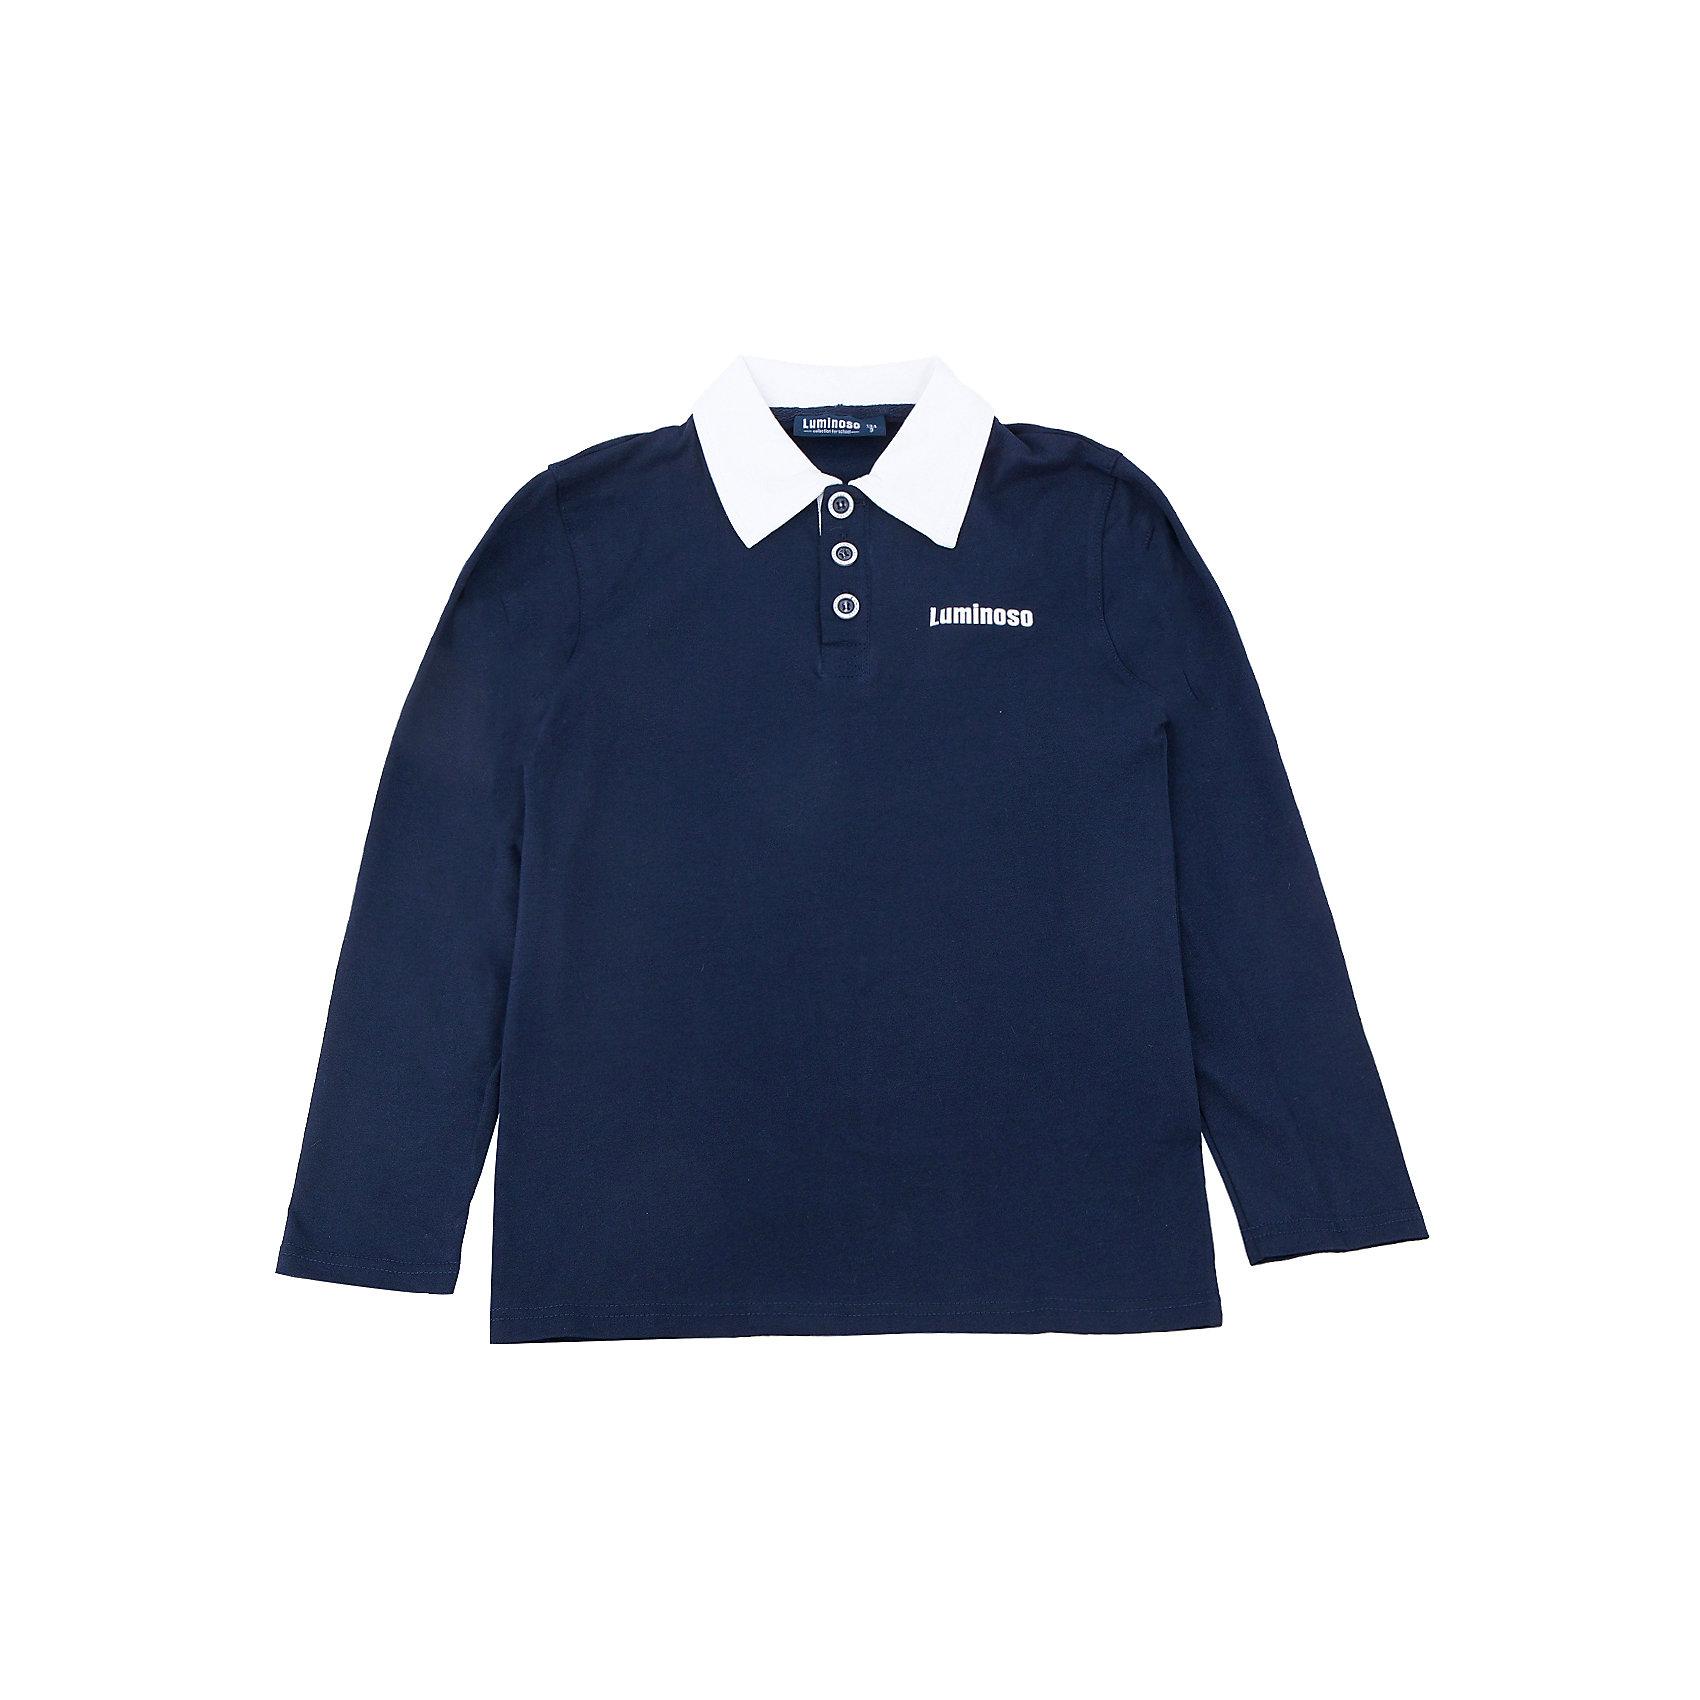 Футболка-поло с длинным рукавом для мальчика LuminosoБлузки и рубашки<br>Футболка-поло с длинным рукавом для мальчика от известного бренда Luminoso.<br>Футболка-поло с длинным рукавом для мальчика выполнена из качественного натурального трикотажа, что обеспечивает комфортность и простоту.<br>Состав:<br>95% хлопок, 5% эластан<br><br>Ширина мм: 190<br>Глубина мм: 74<br>Высота мм: 229<br>Вес г: 236<br>Цвет: синий/белый<br>Возраст от месяцев: 144<br>Возраст до месяцев: 156<br>Пол: Мужской<br>Возраст: Детский<br>Размер: 158,128,134,140,146,152,164<br>SKU: 4729053